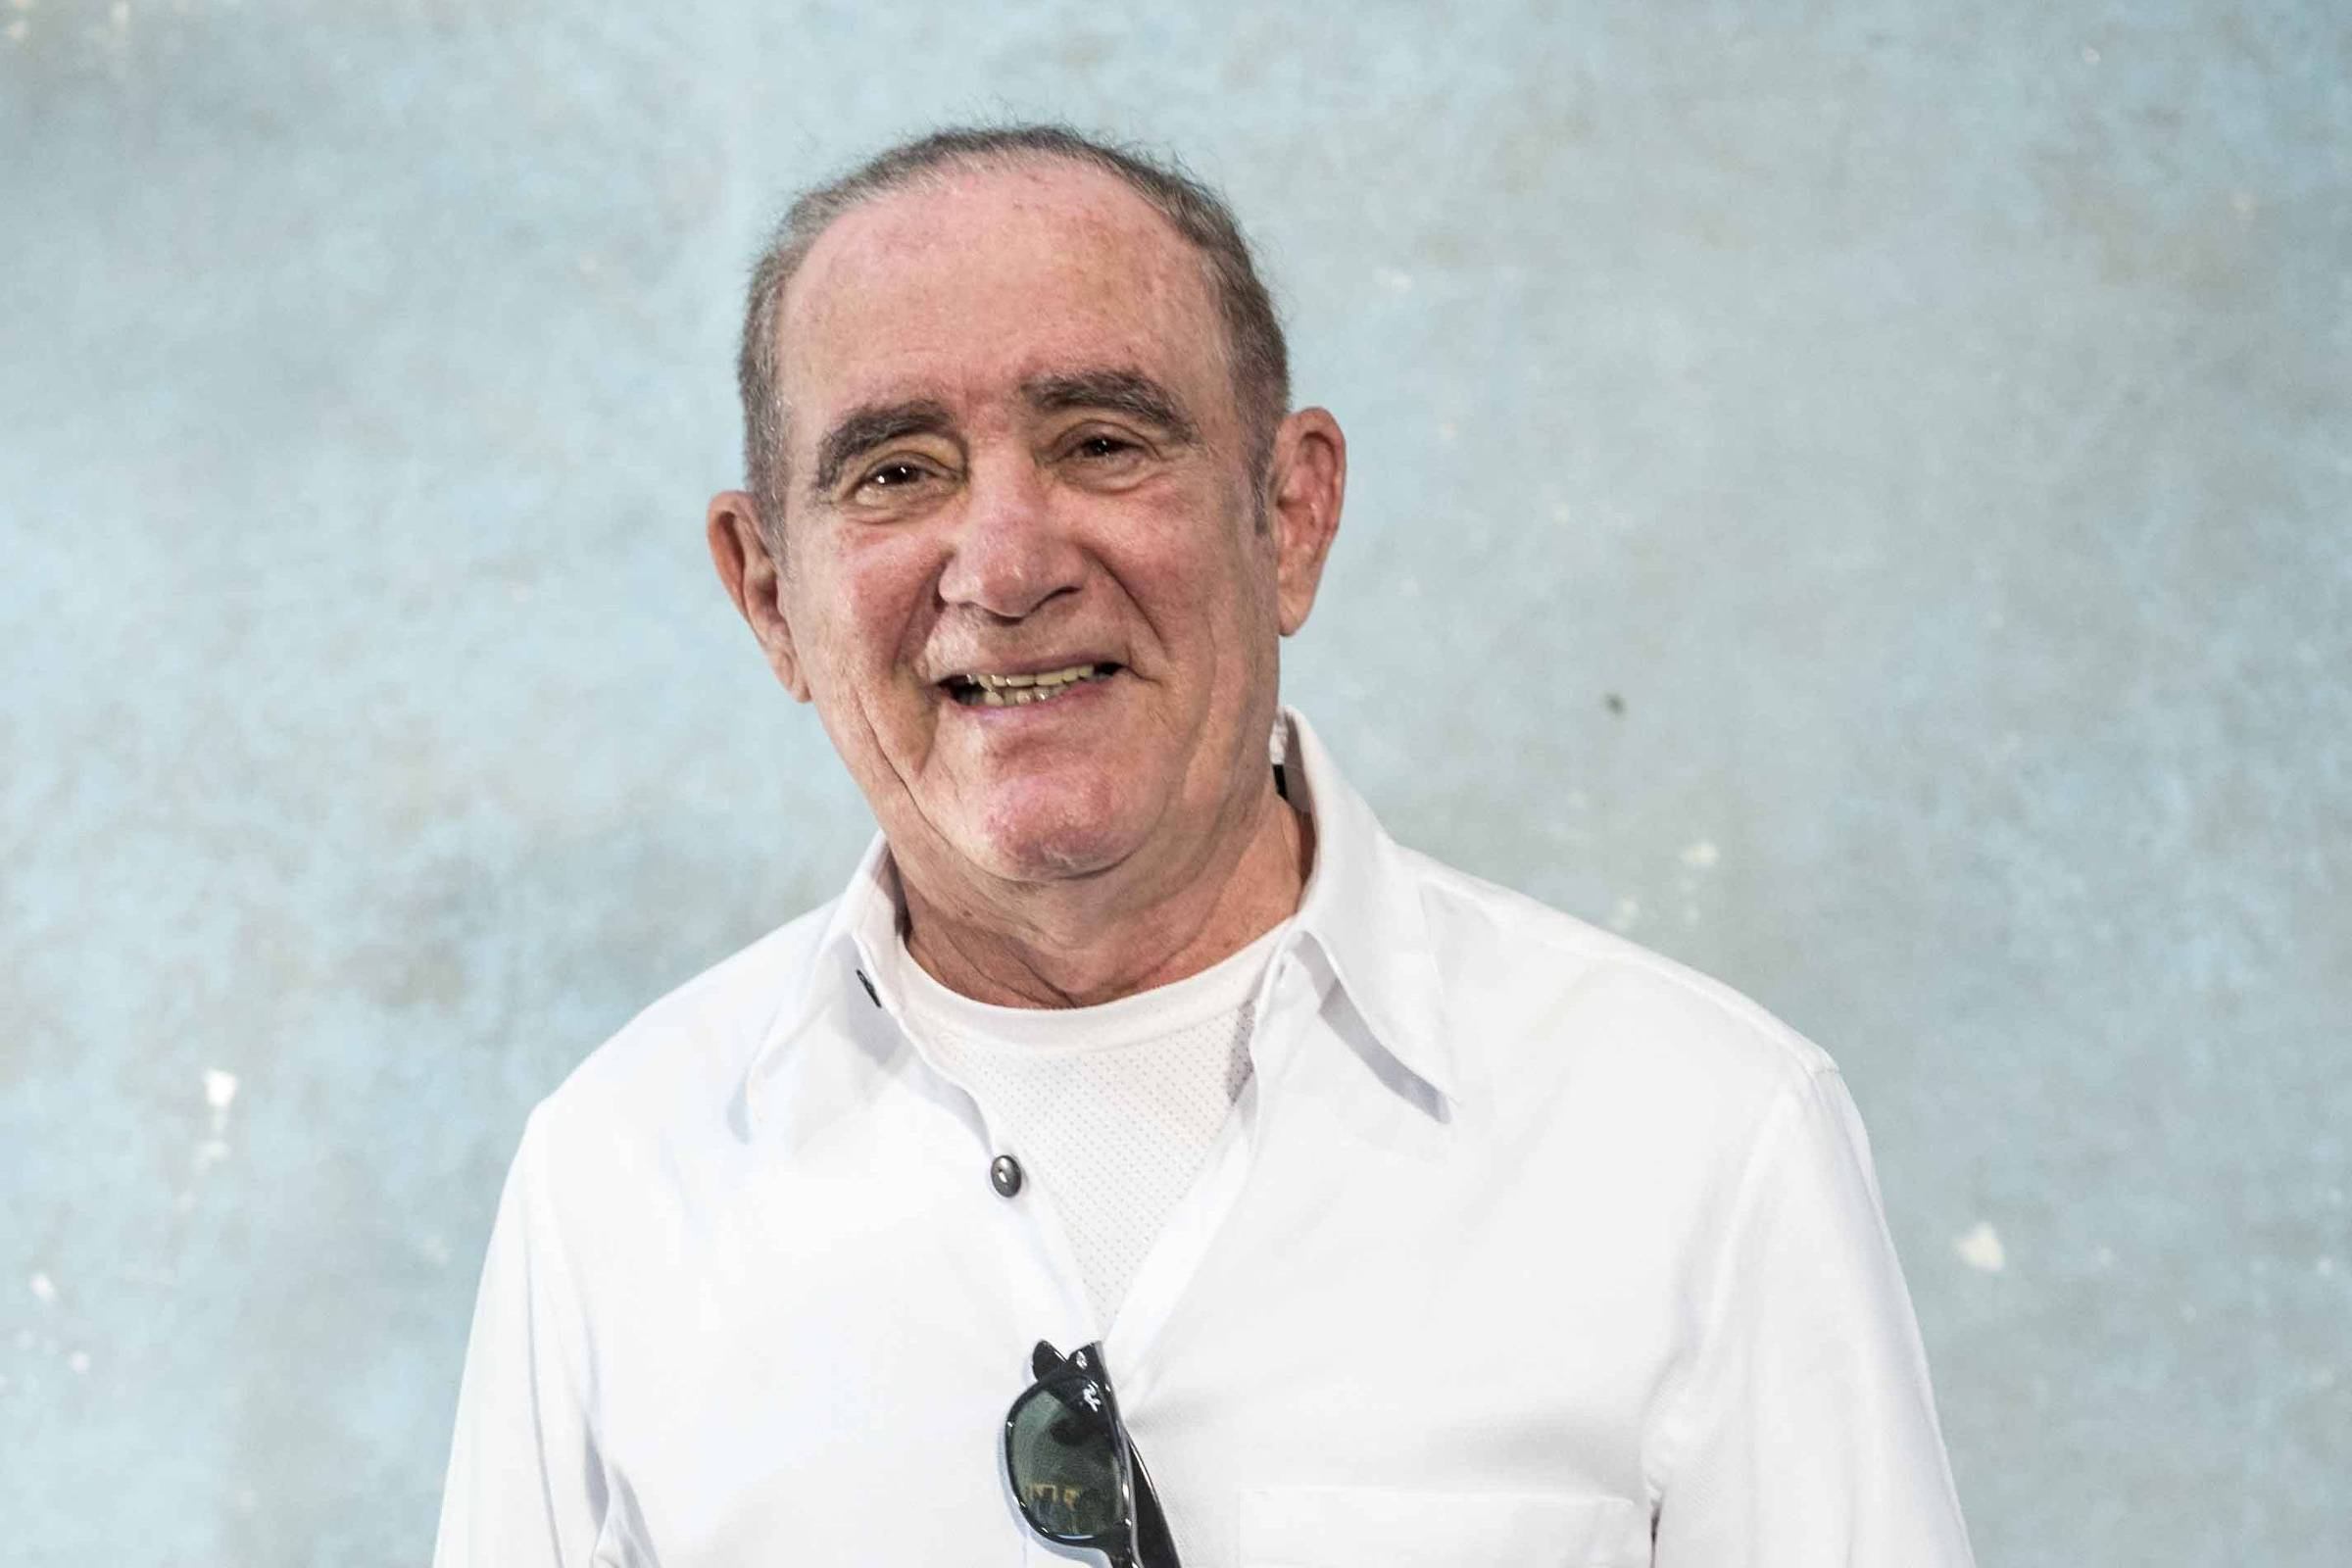 F5 - Televisão - Após deixar Globo, Renato Aragão diz que participaria do  'A Praça é Nossa' no SBT - 02/07/2020